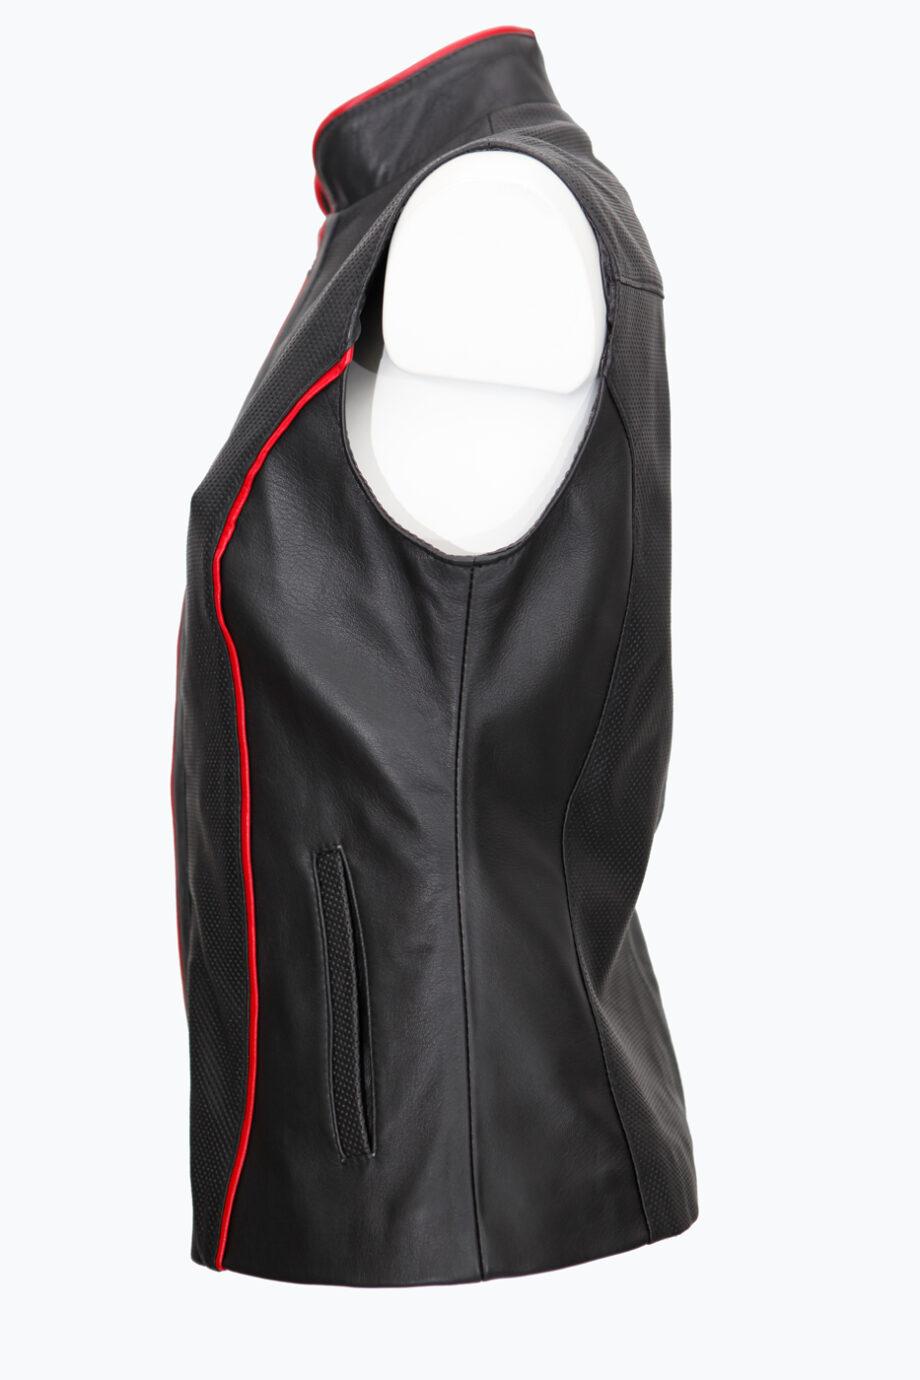 chaleco cuero negro rojo